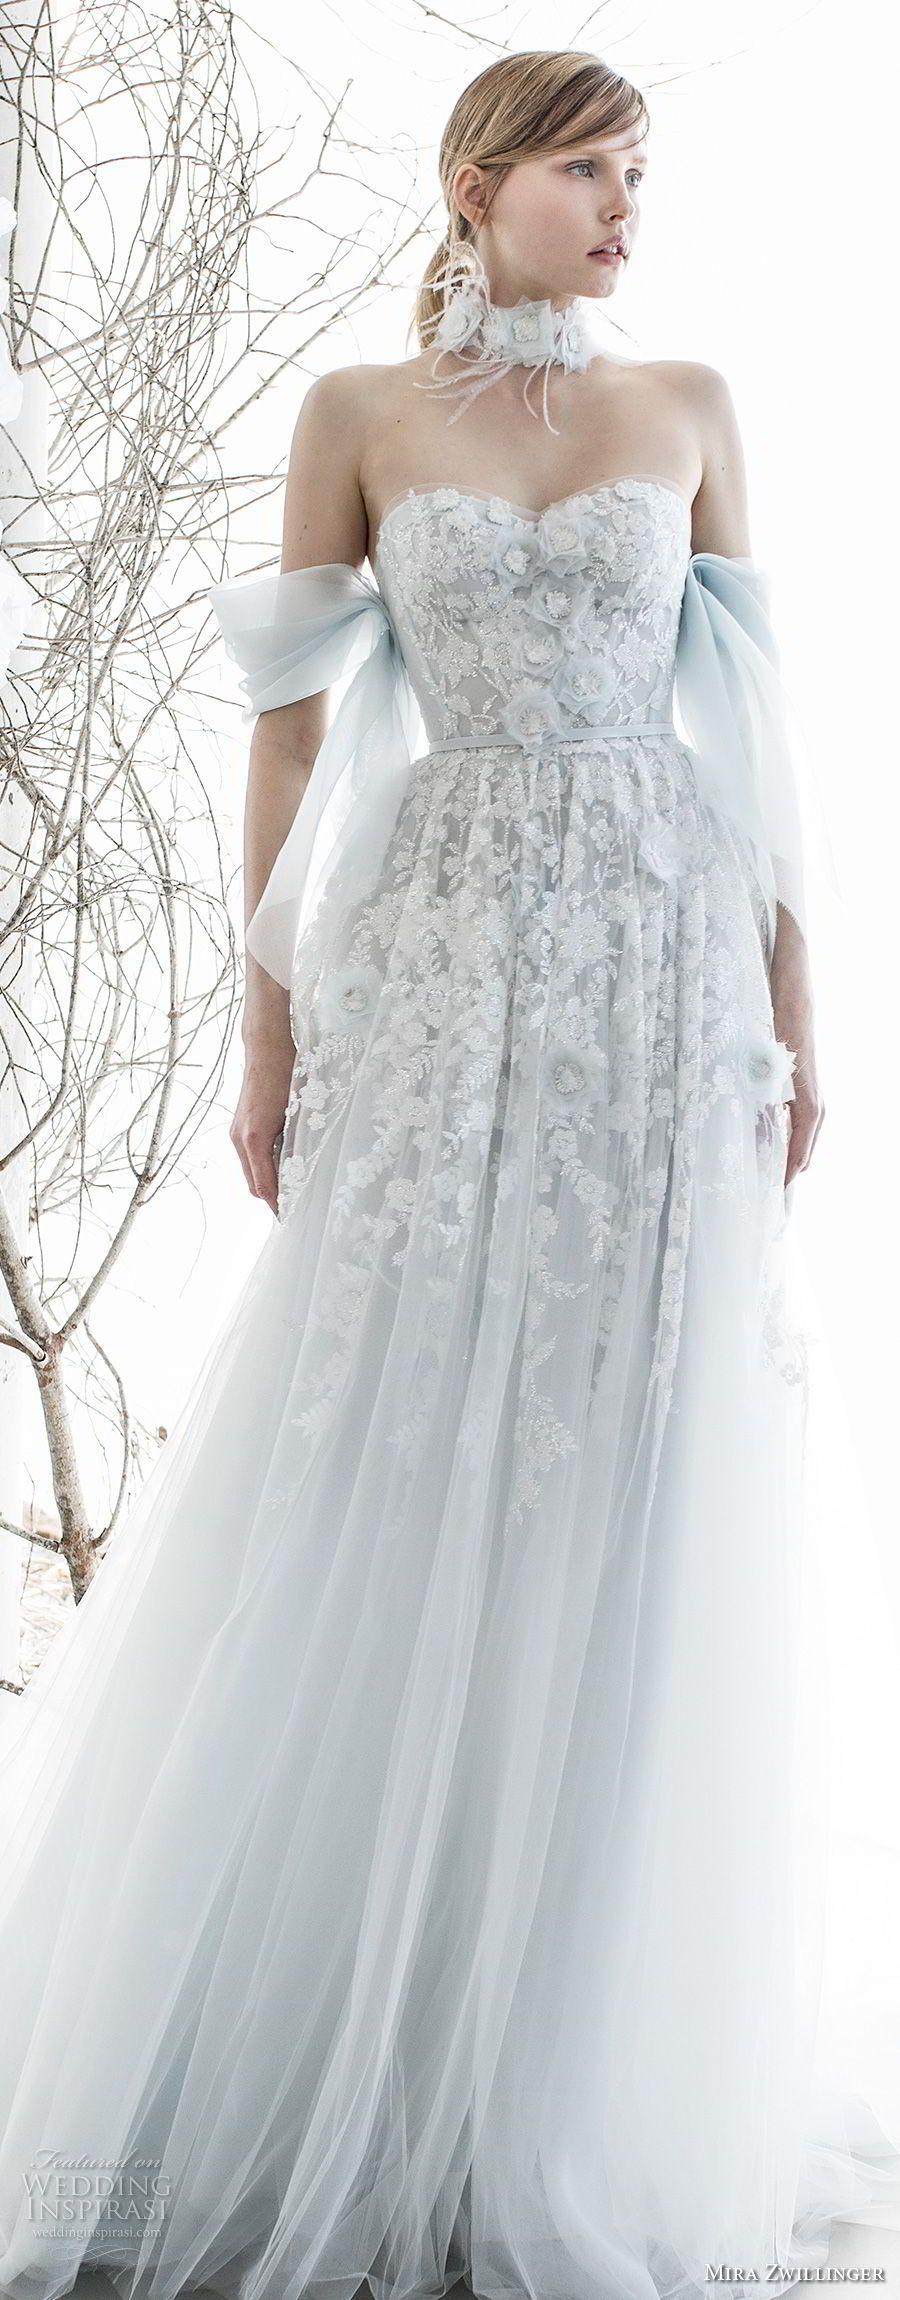 Mira zwillinger wedding dresses u ucover the rainbowud bridal